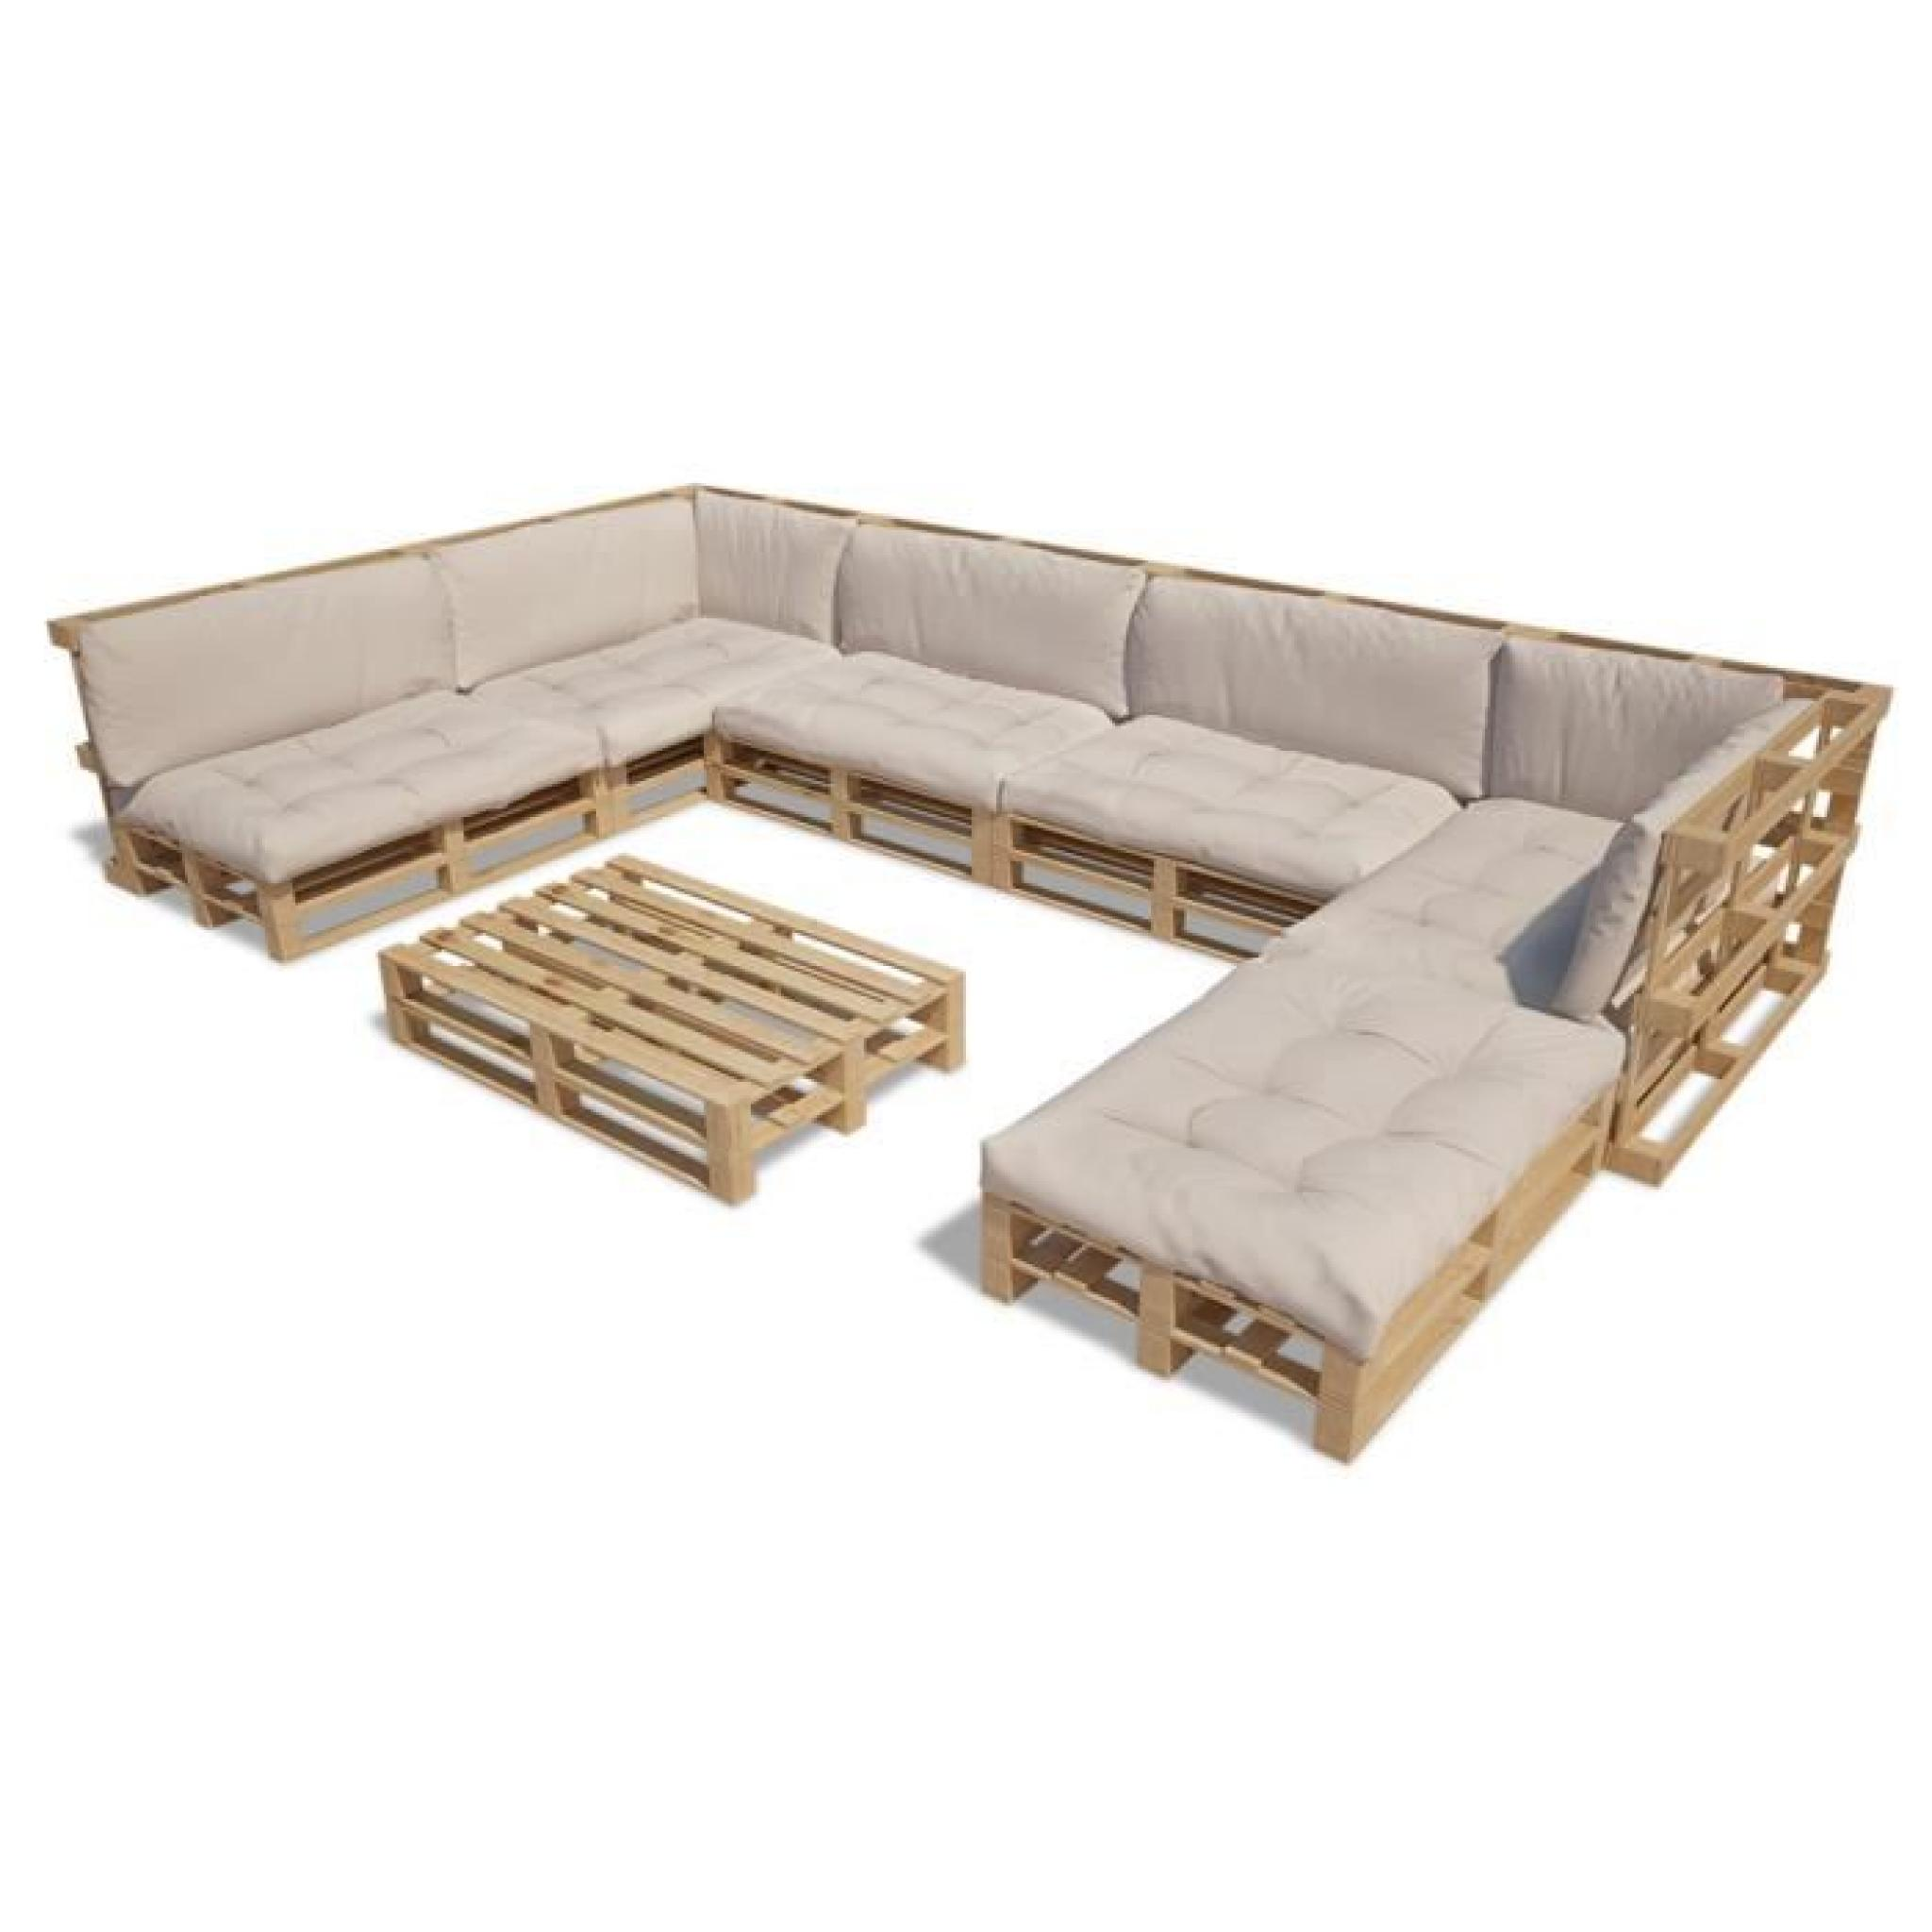 Cet ensemble salon en palette de bois avec coussins épais combine style et  fonctionnalité. Il sera le point focal de votre jardin...